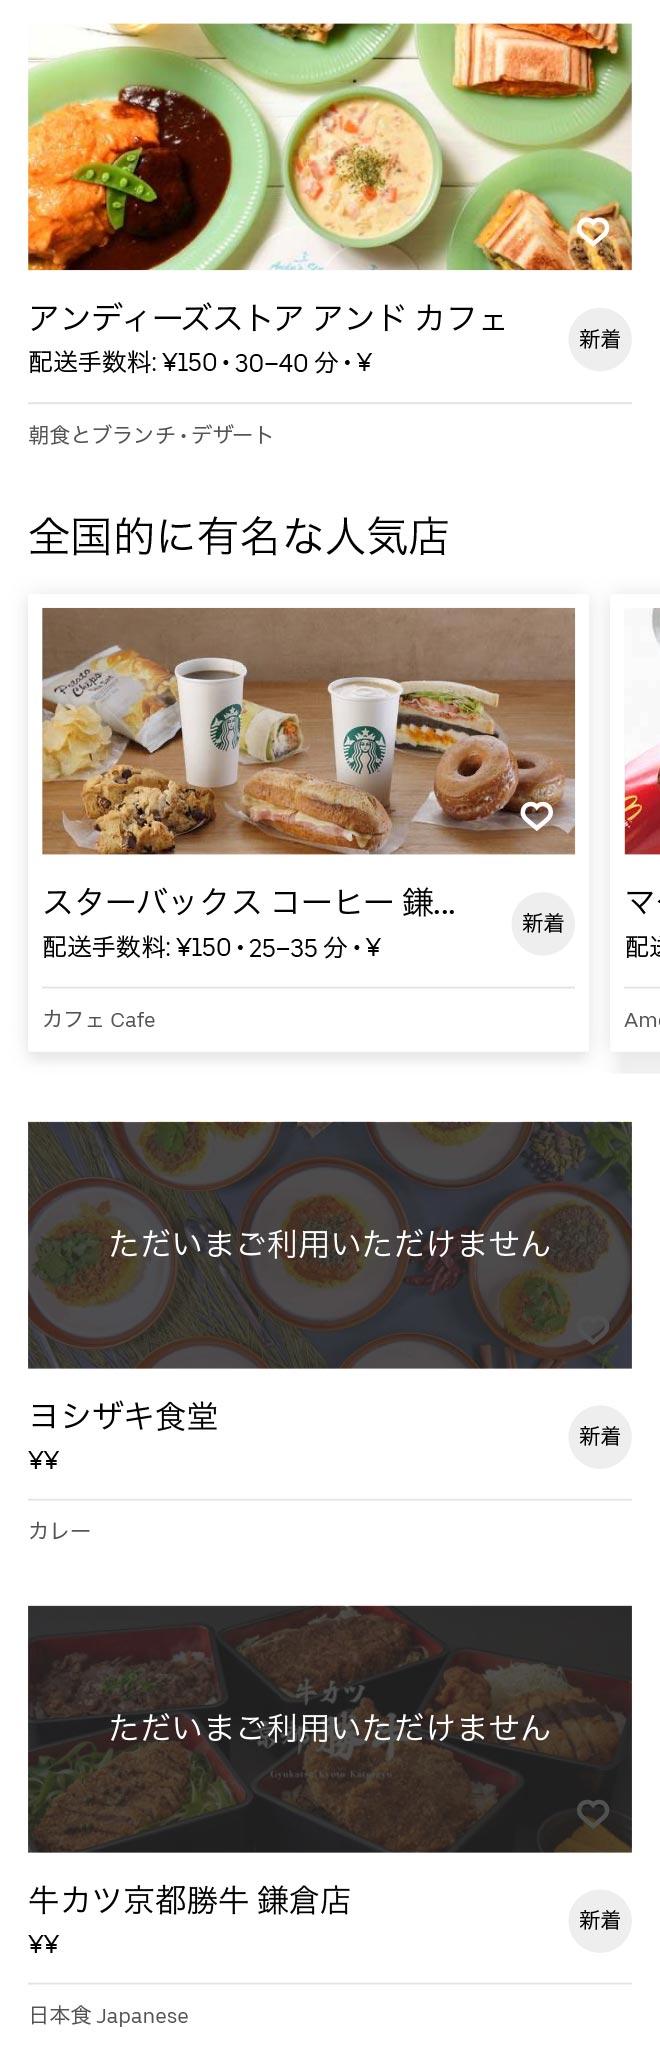 Kamakura menu 2008 07